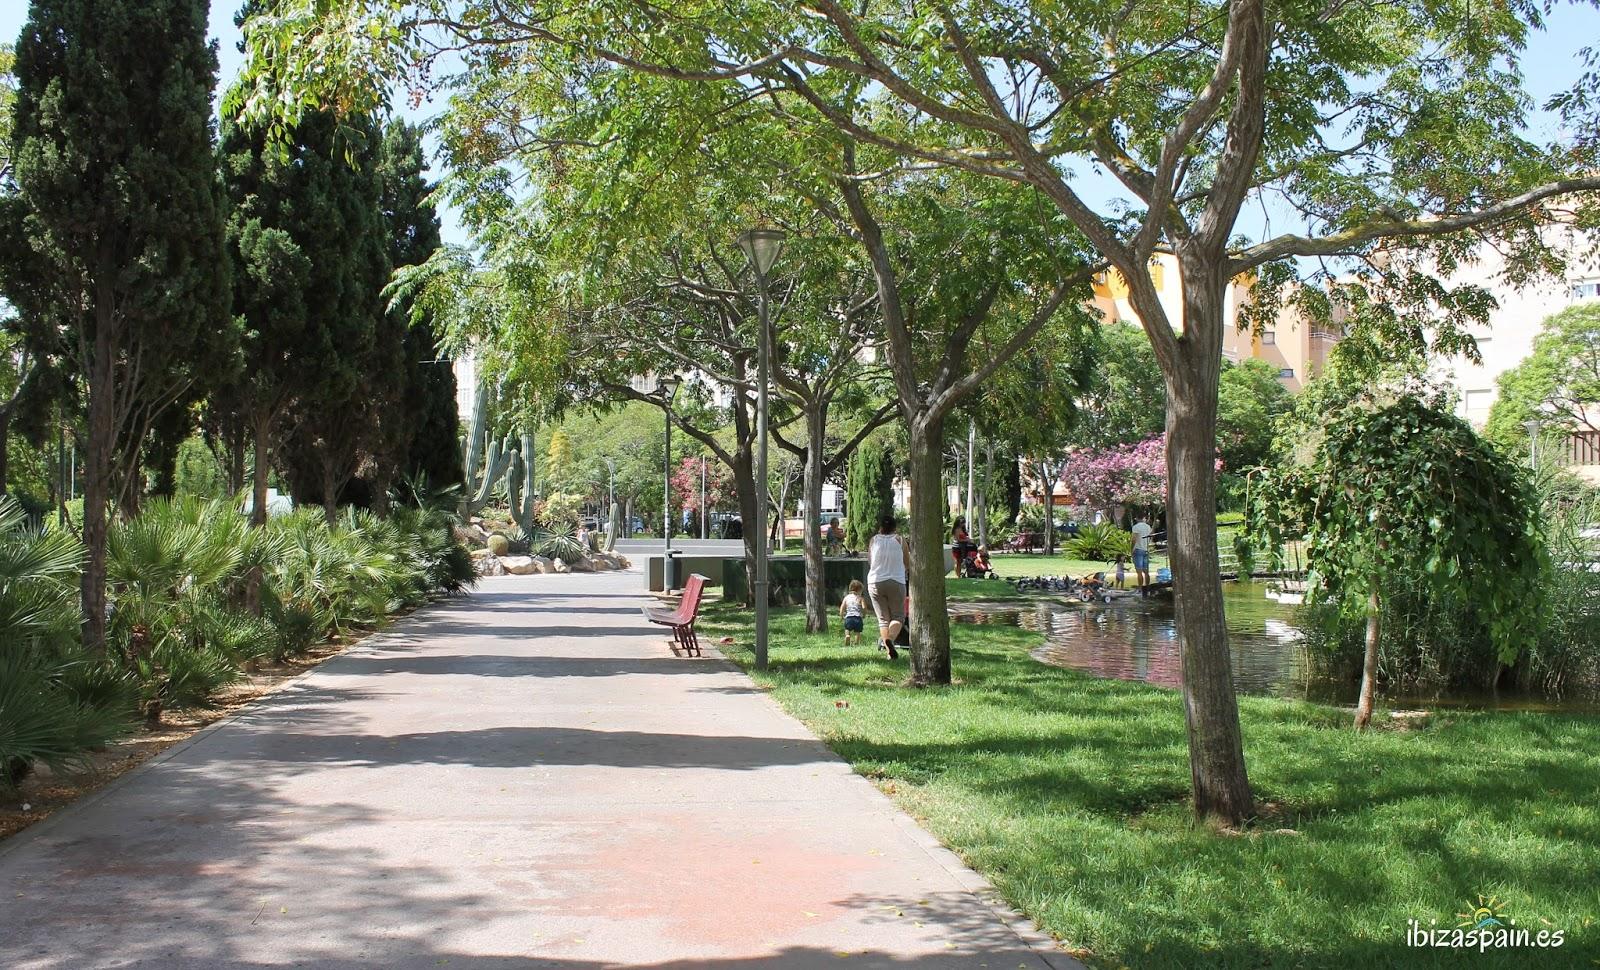 Parque de la Paz Ibiza